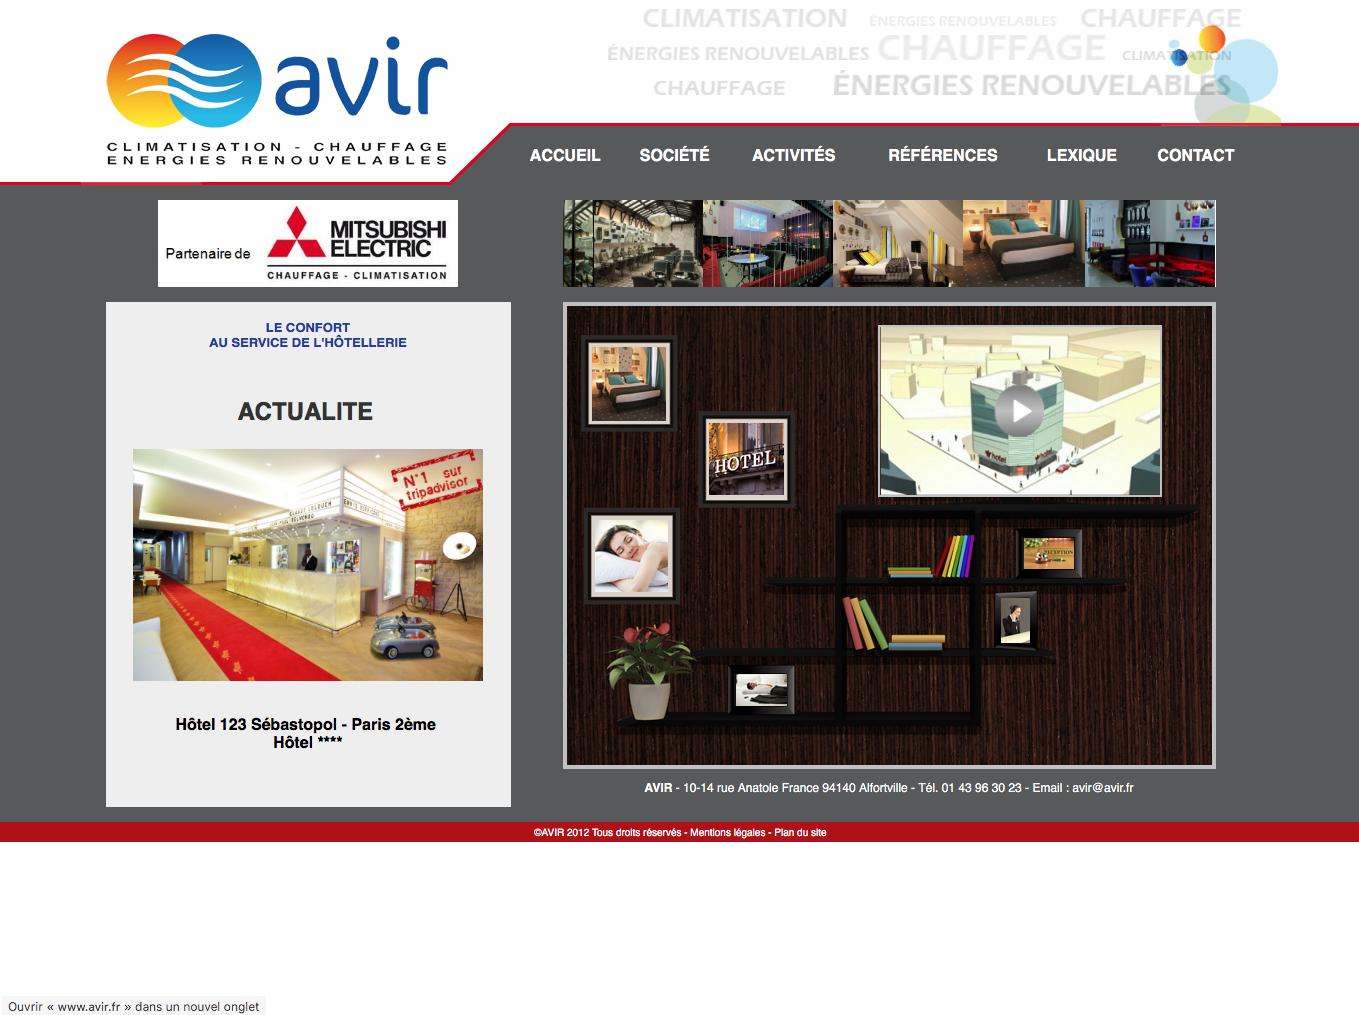 la société AVIR se spécialise dans le secteur informatique où les besoins en climatisation